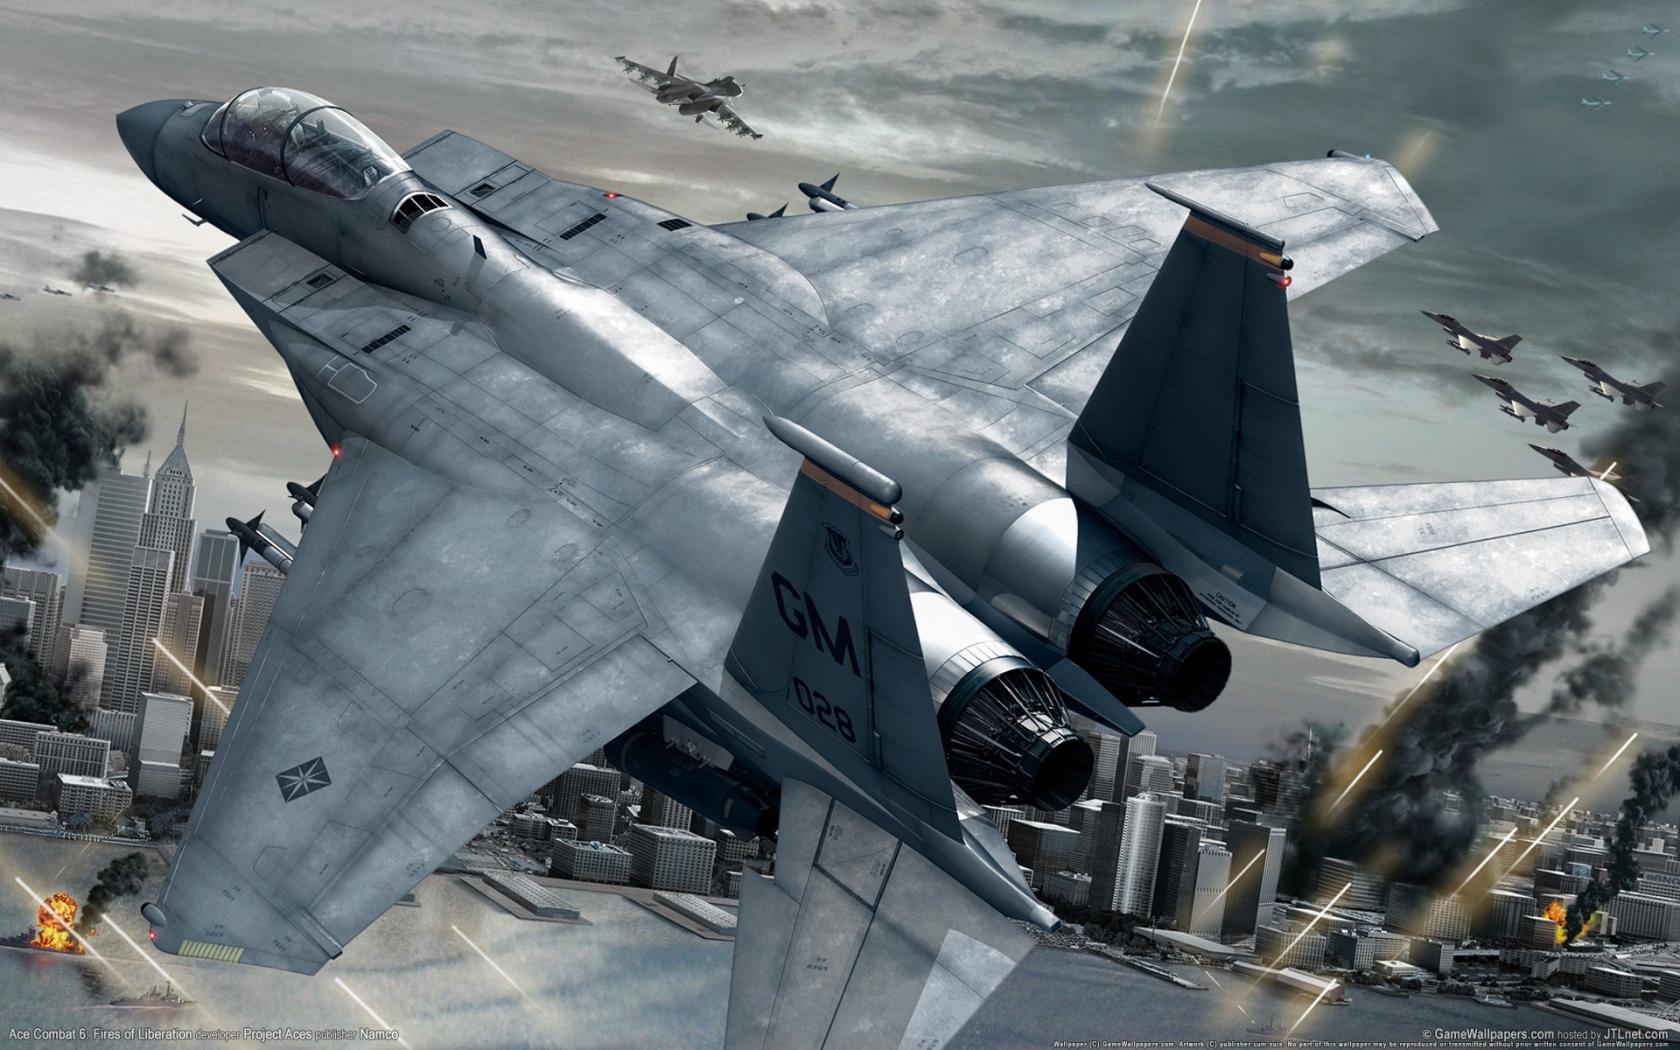 Aviones y videojuegos - 1680x1050